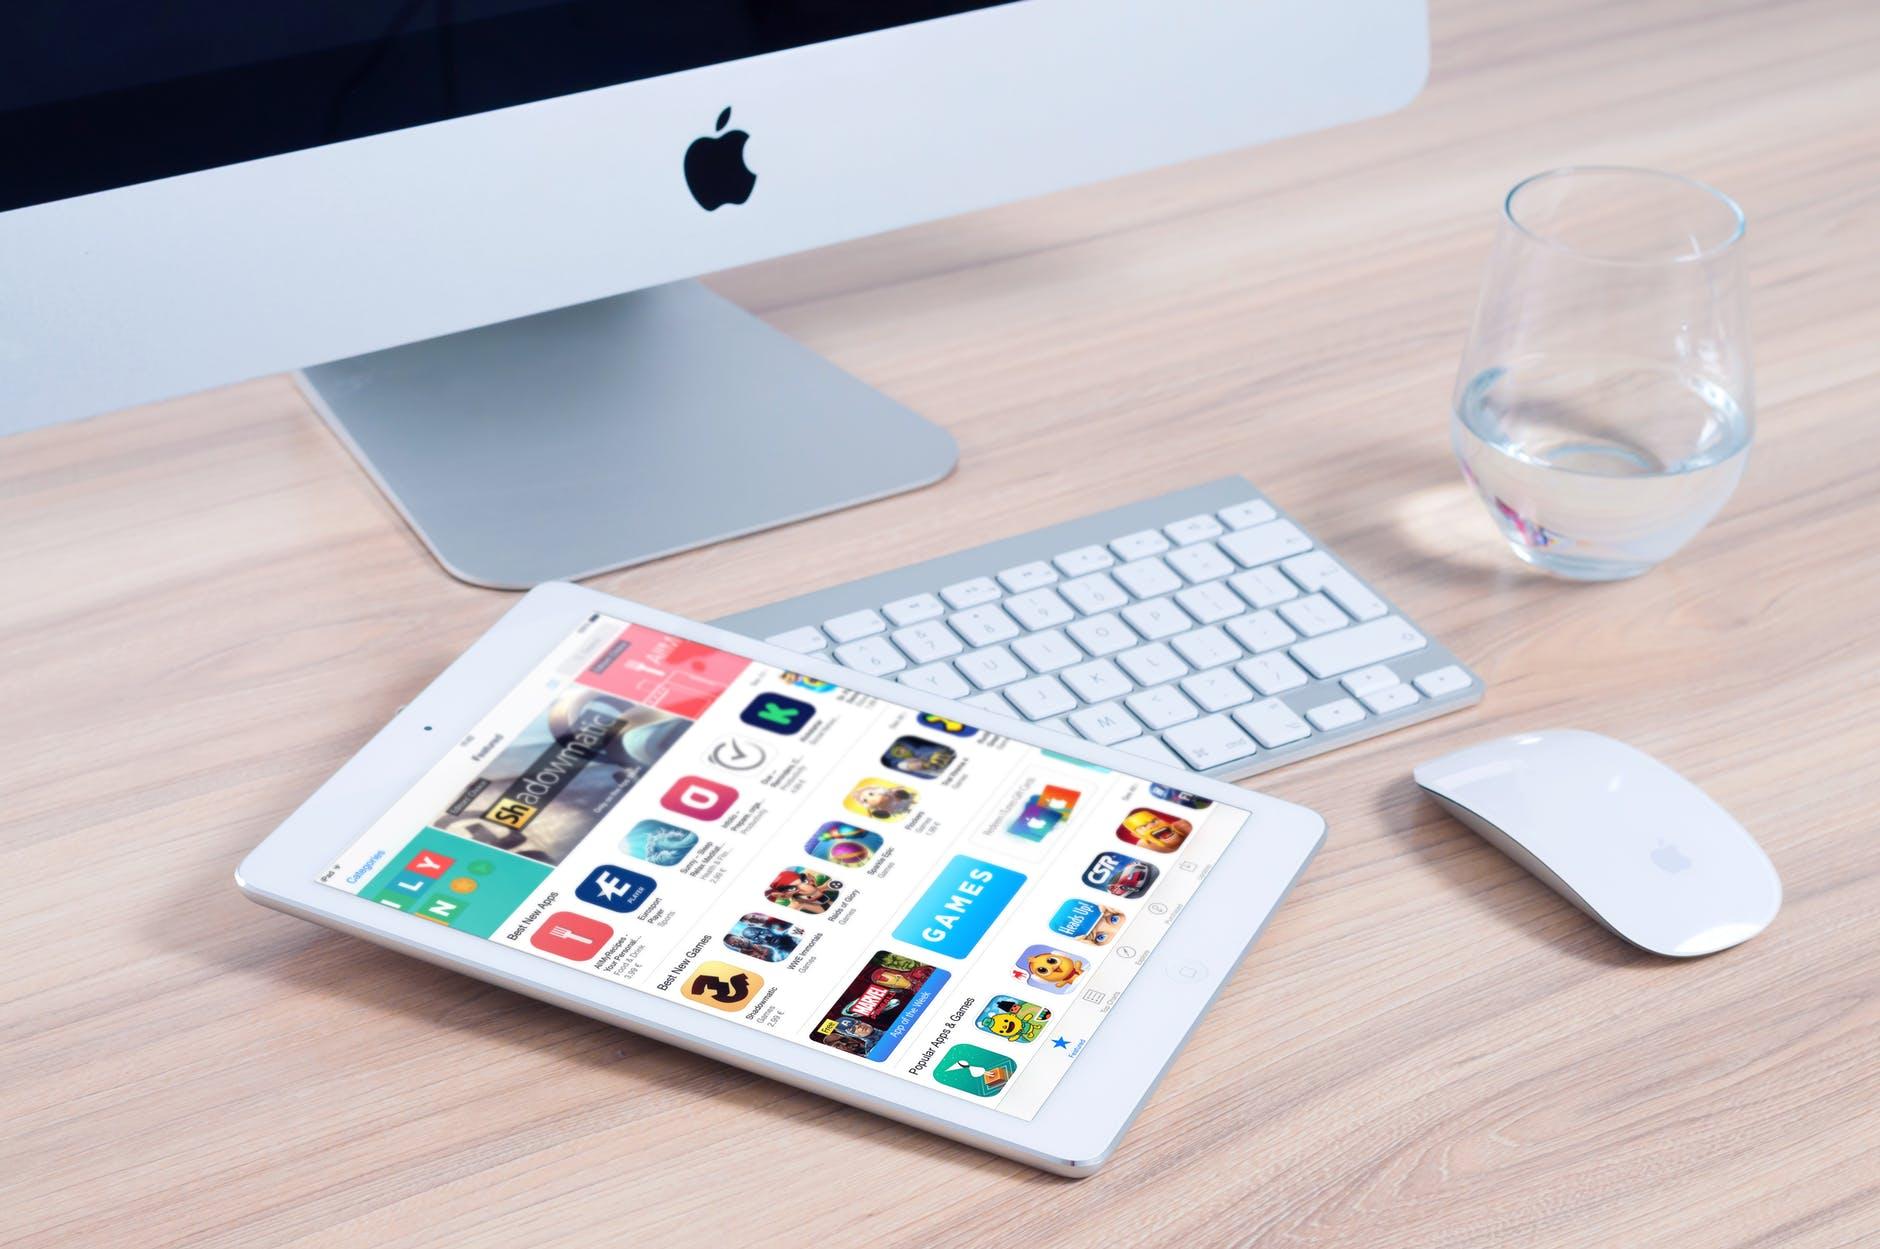 imac-apple-mockup-app-38544.jpeg